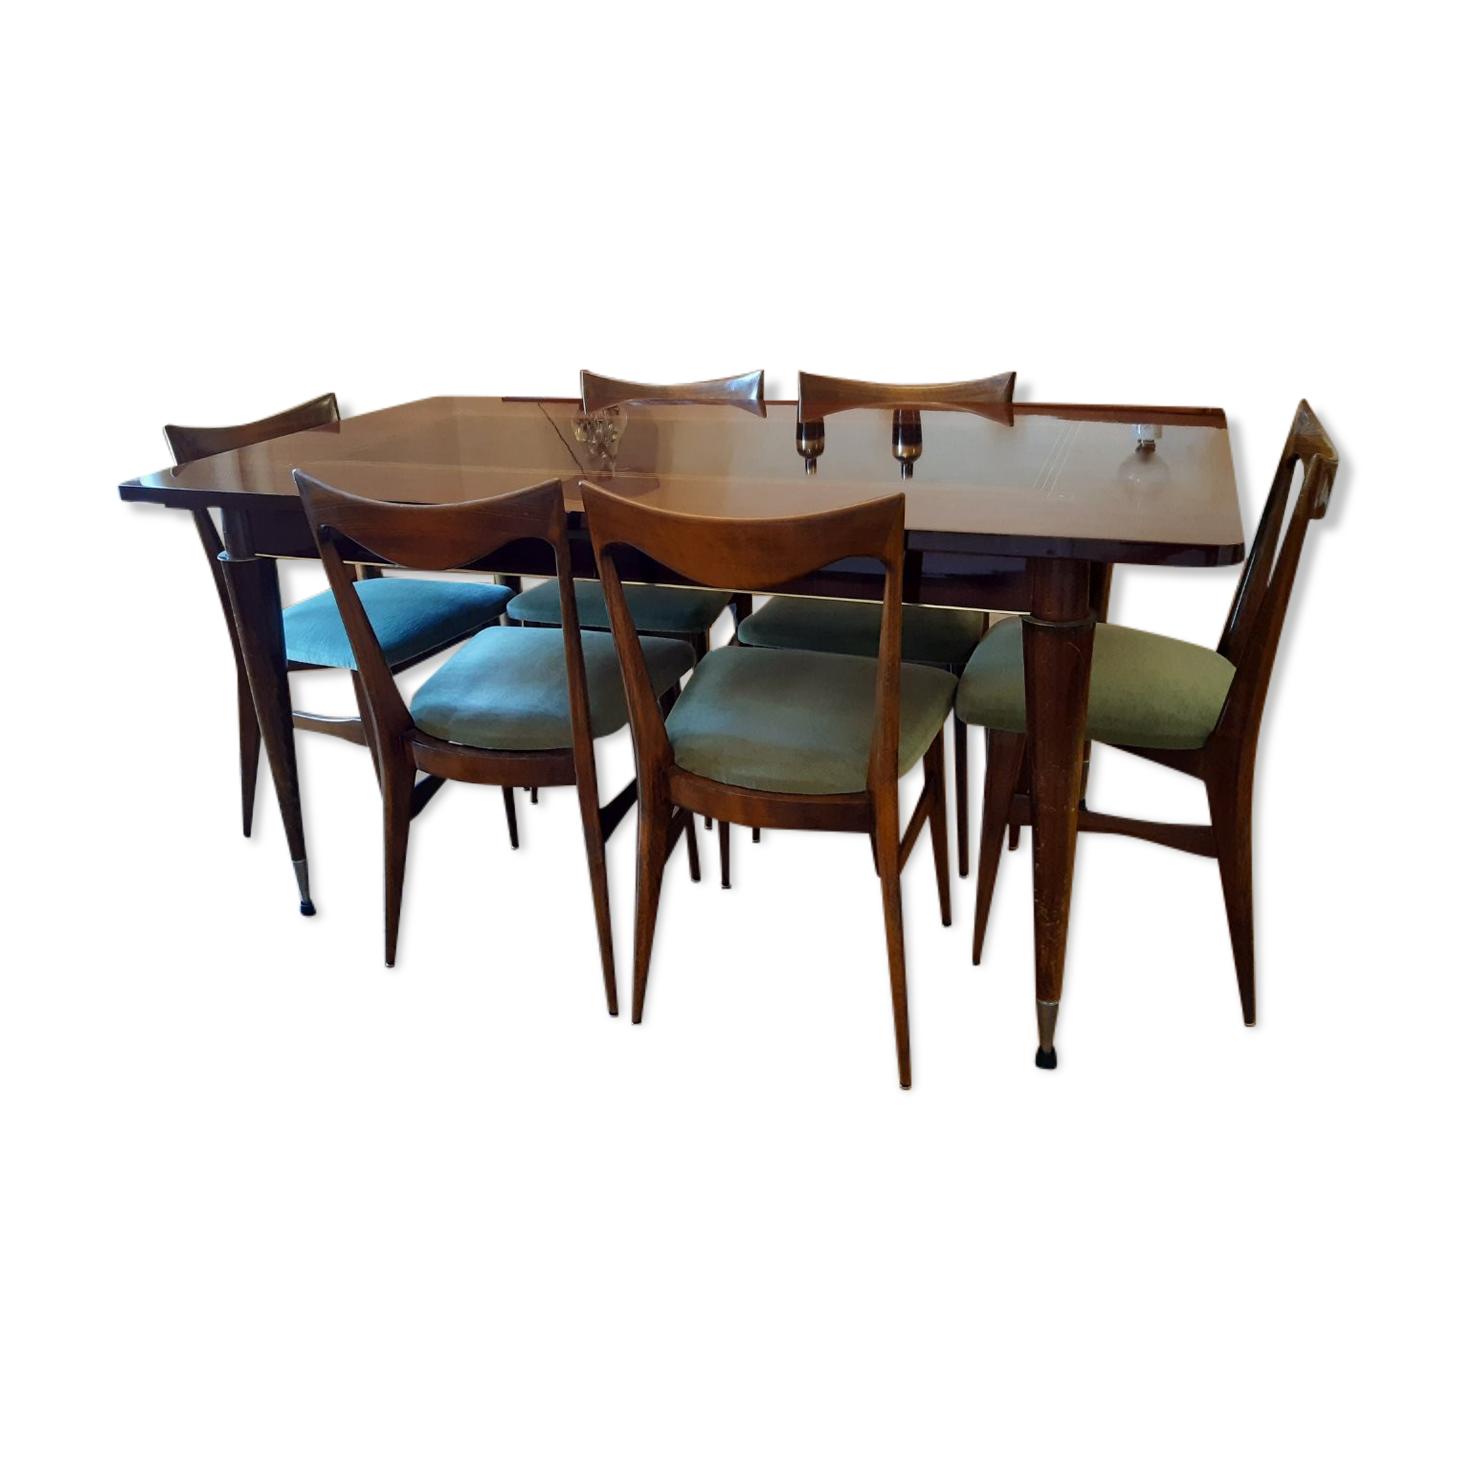 Lot comprenanune table salle à manger  en palissandre extensible et 6 chaises en velours année 1966